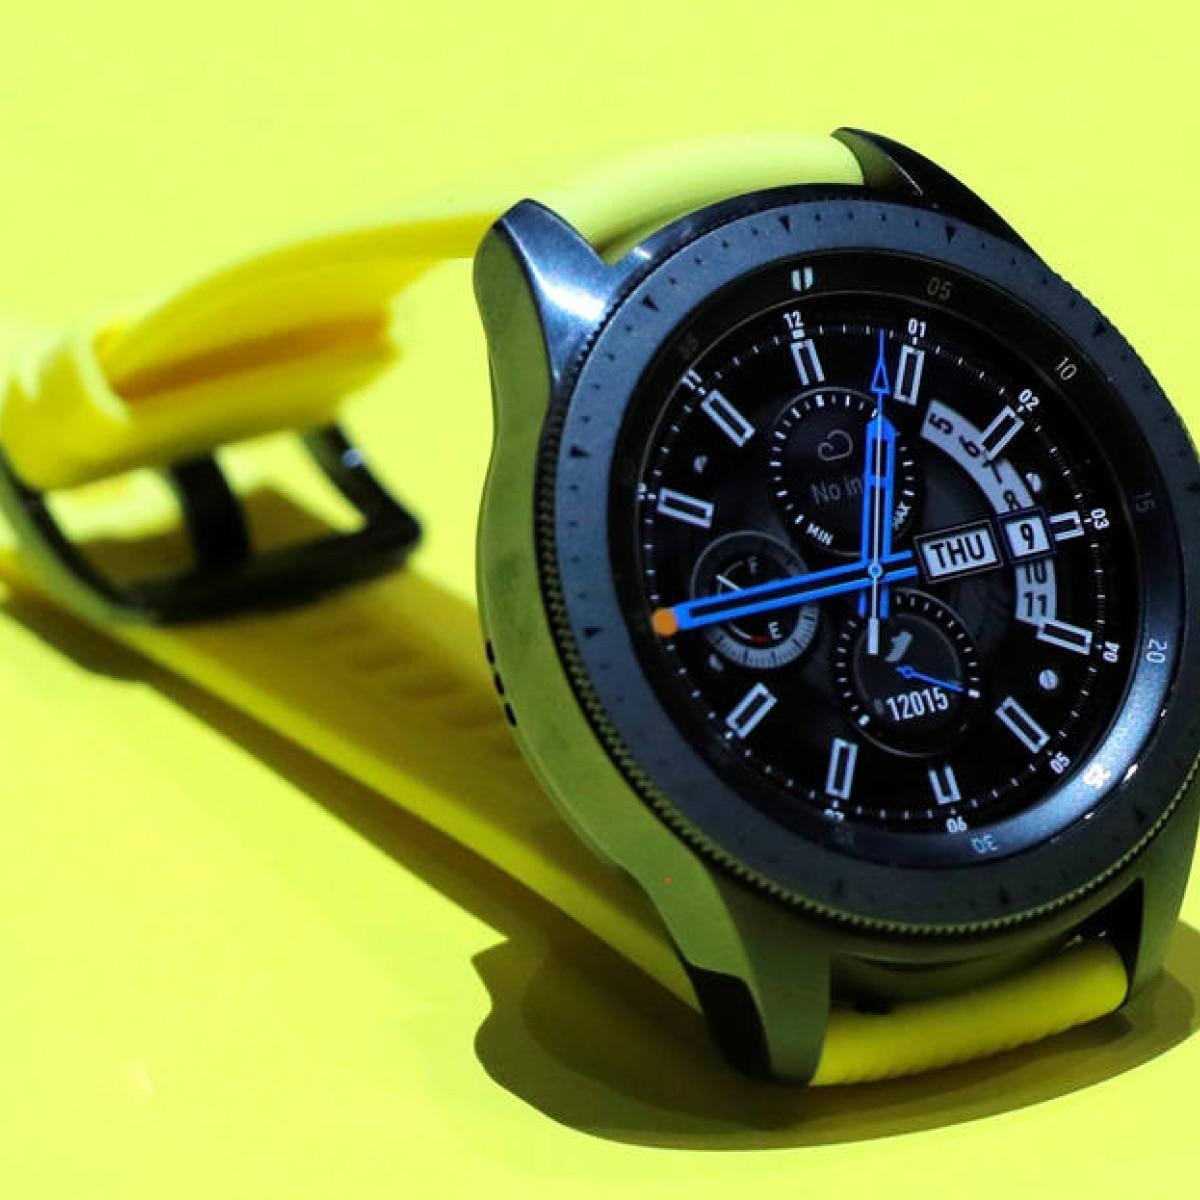 f17e32702b9 Relógios de Apple e Samsung focam na saúde e deixam moda de lado - Link -  Estadão